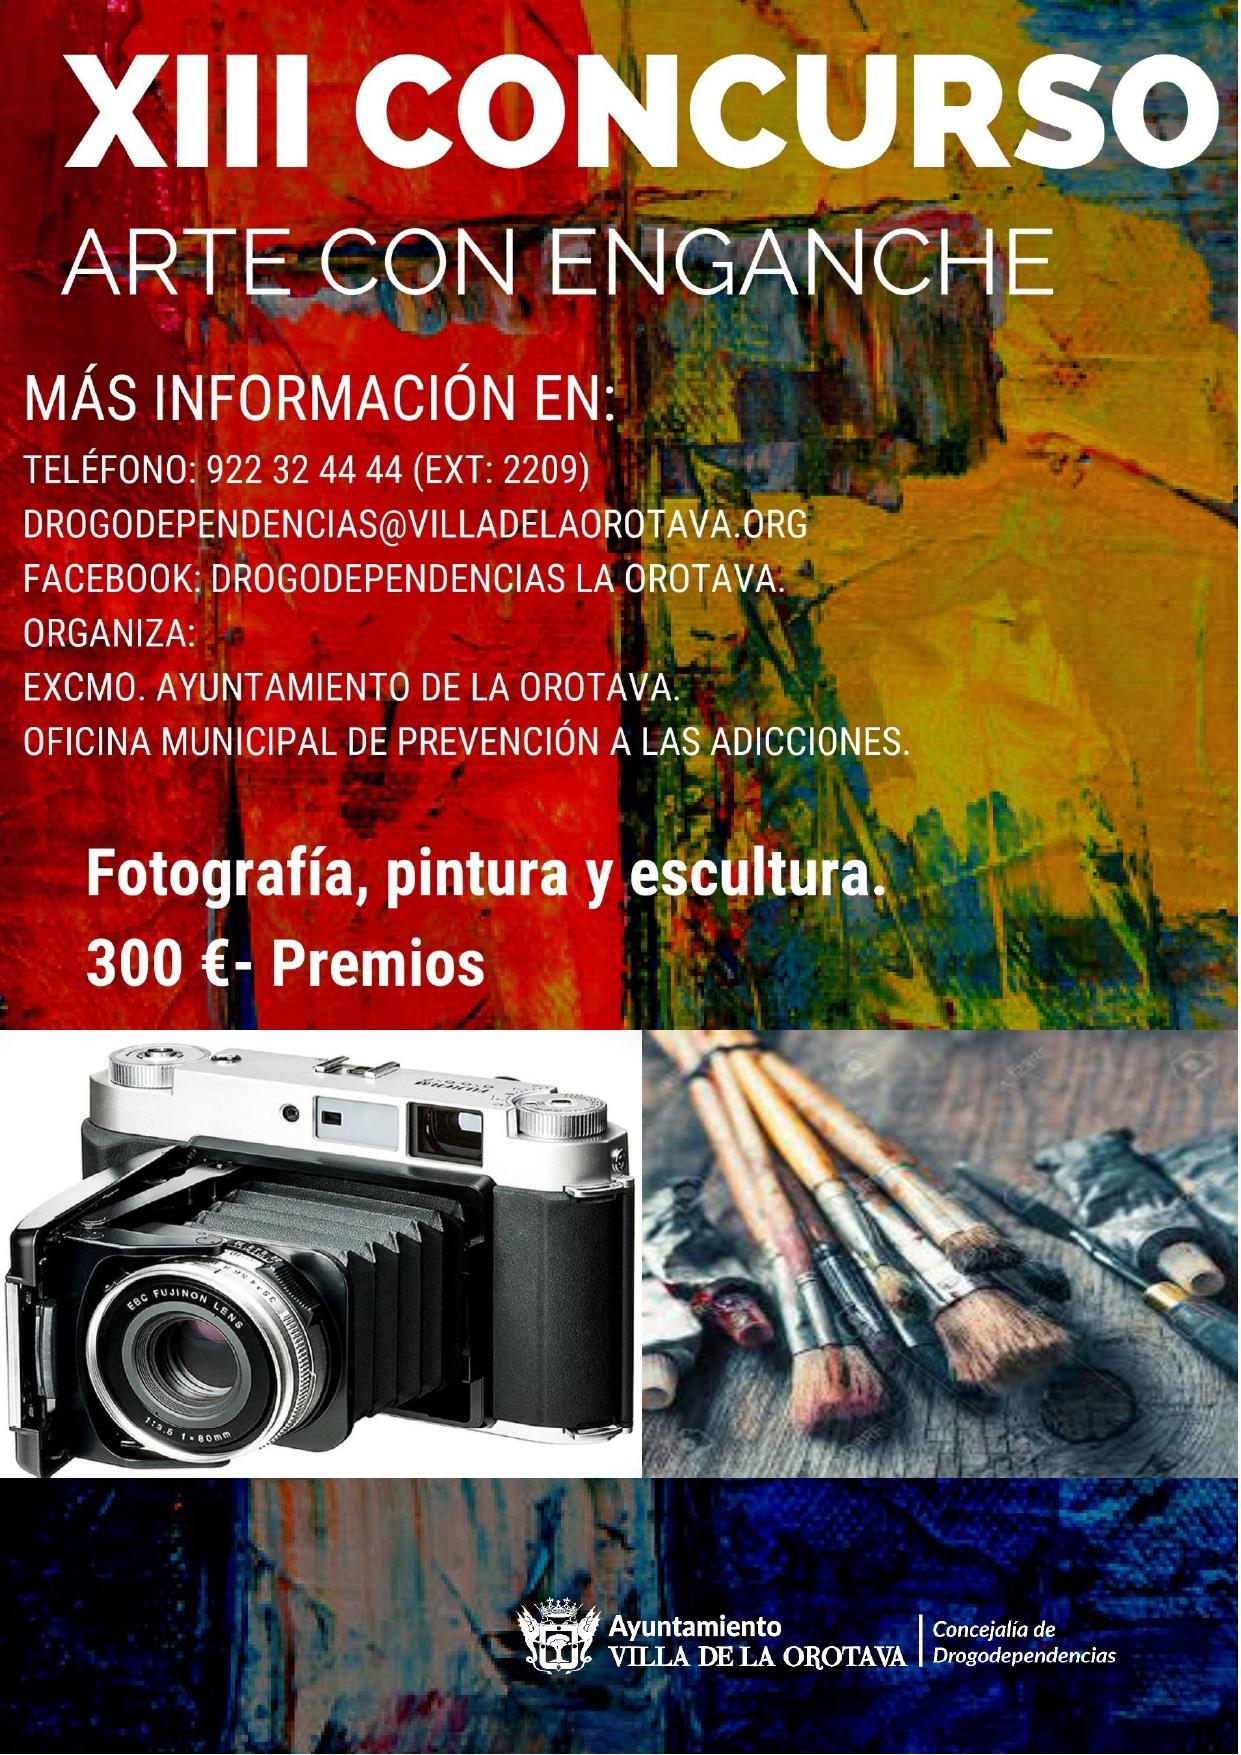 La Concejalía de Drogodependencias del Ayuntamiento de La Orotava, que dirige la edil Candelaria García, organiza un año más el certamen que aglutina las modalidades de fotografía, pintura y escultura